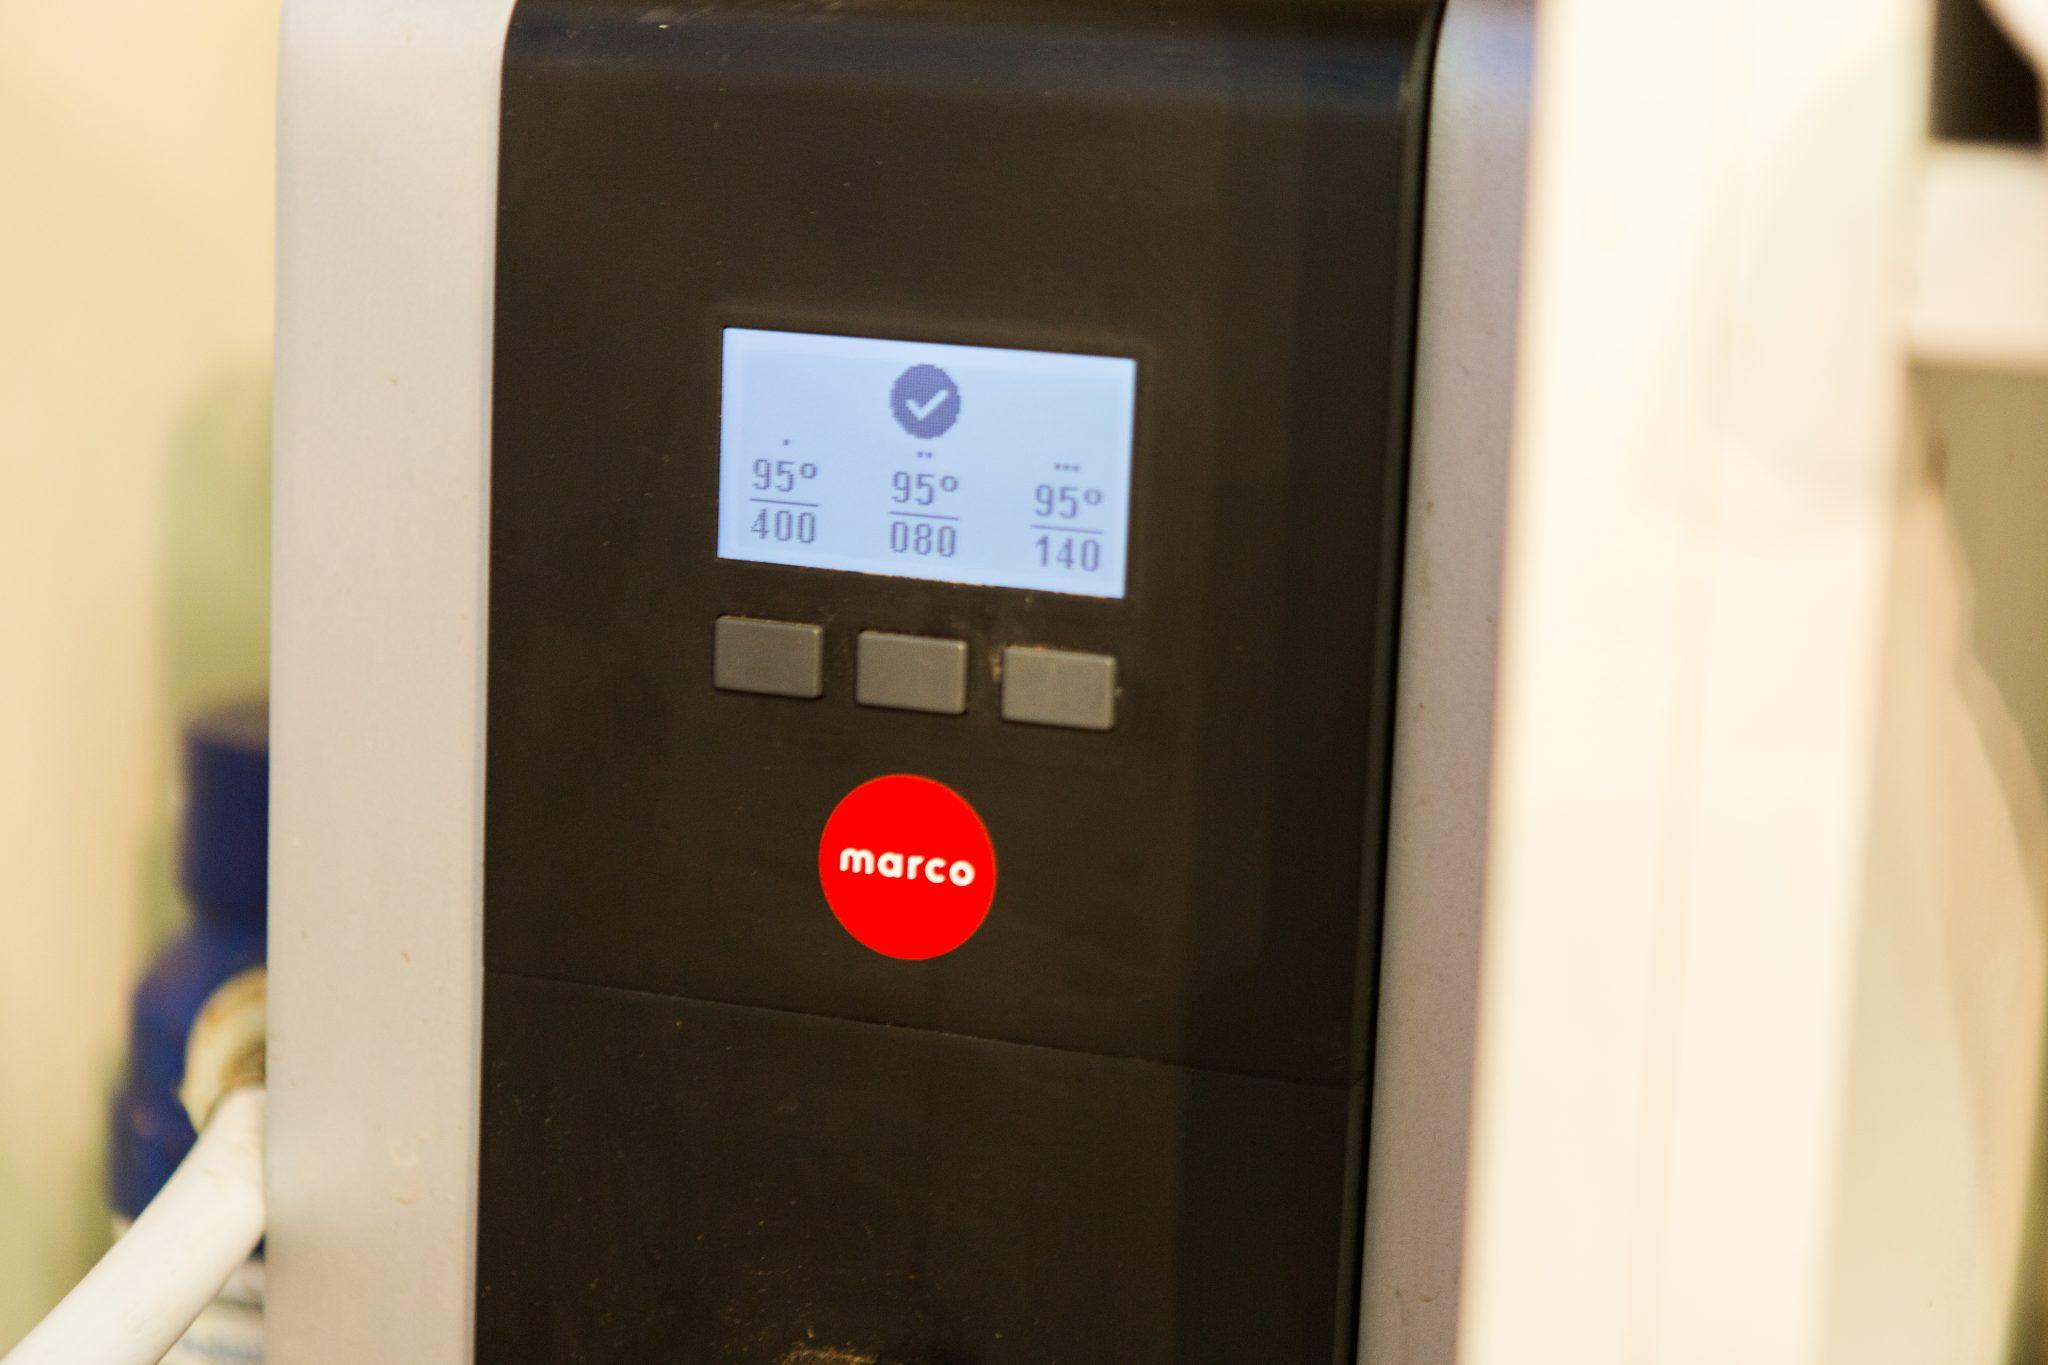 MIX - Multi-temperature boiler